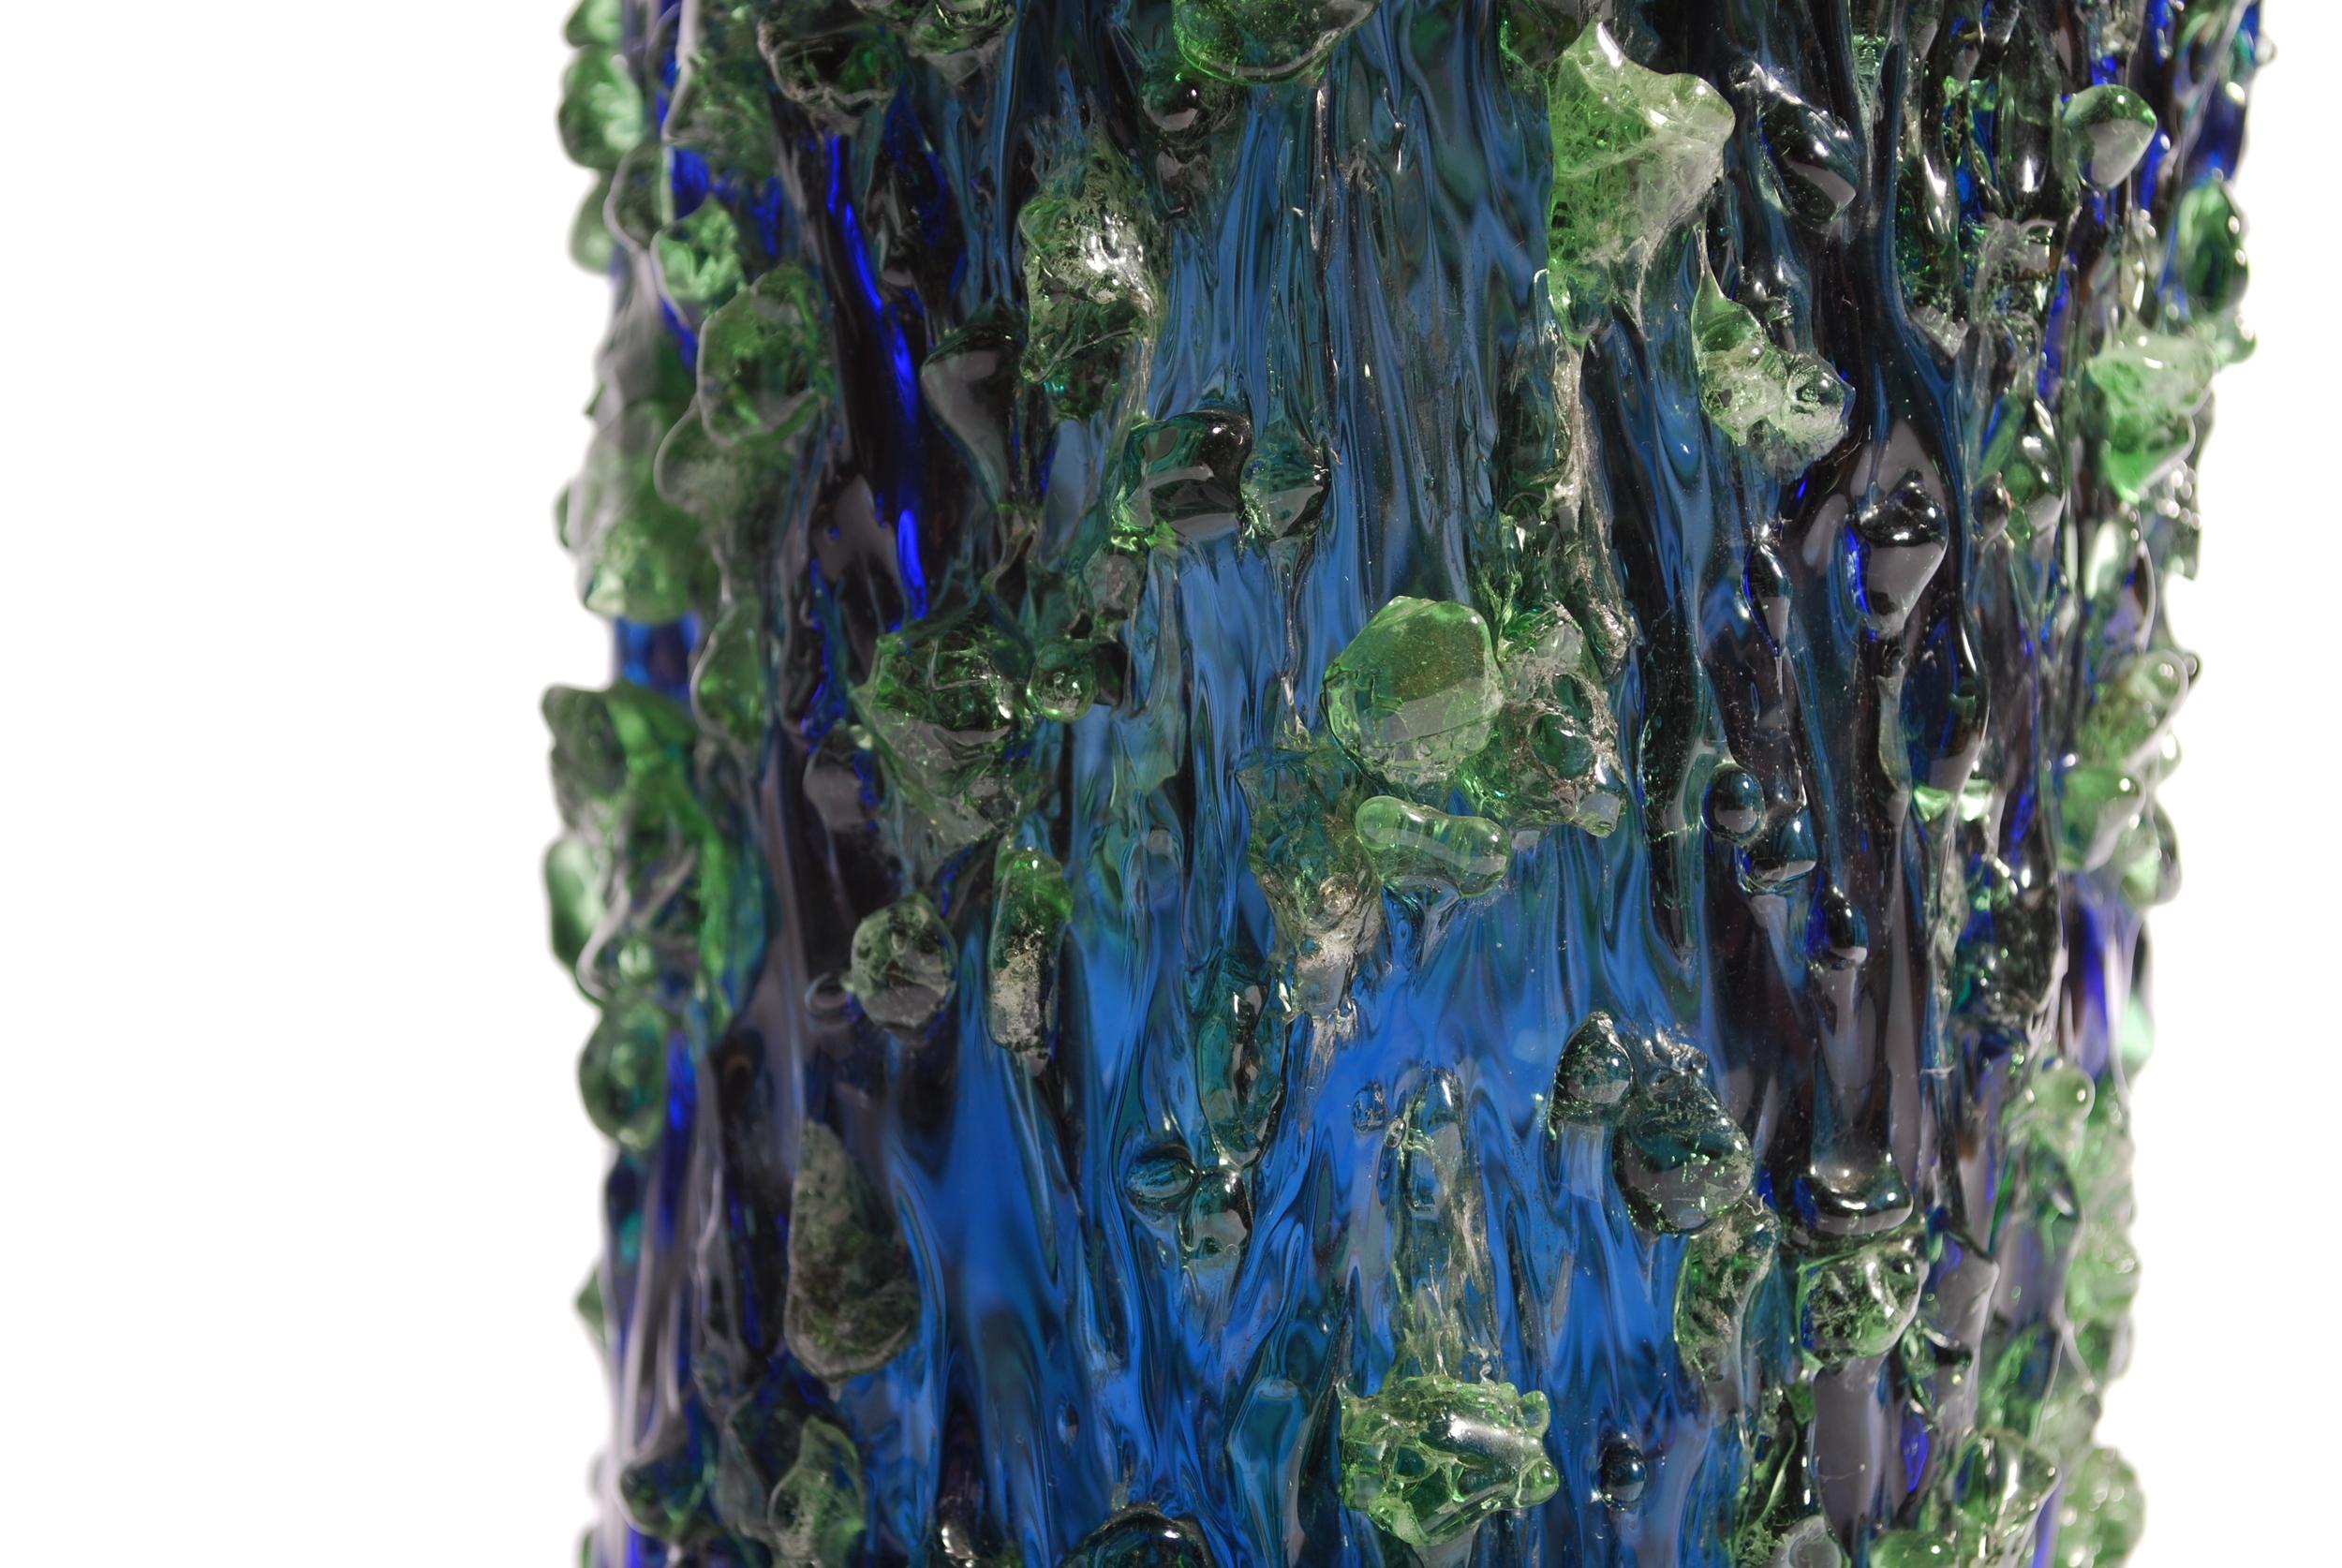 Bohemian Czech Sculptural Studio Vase Galaxy - Miloslava Svobodova - Skrdlovice 60's